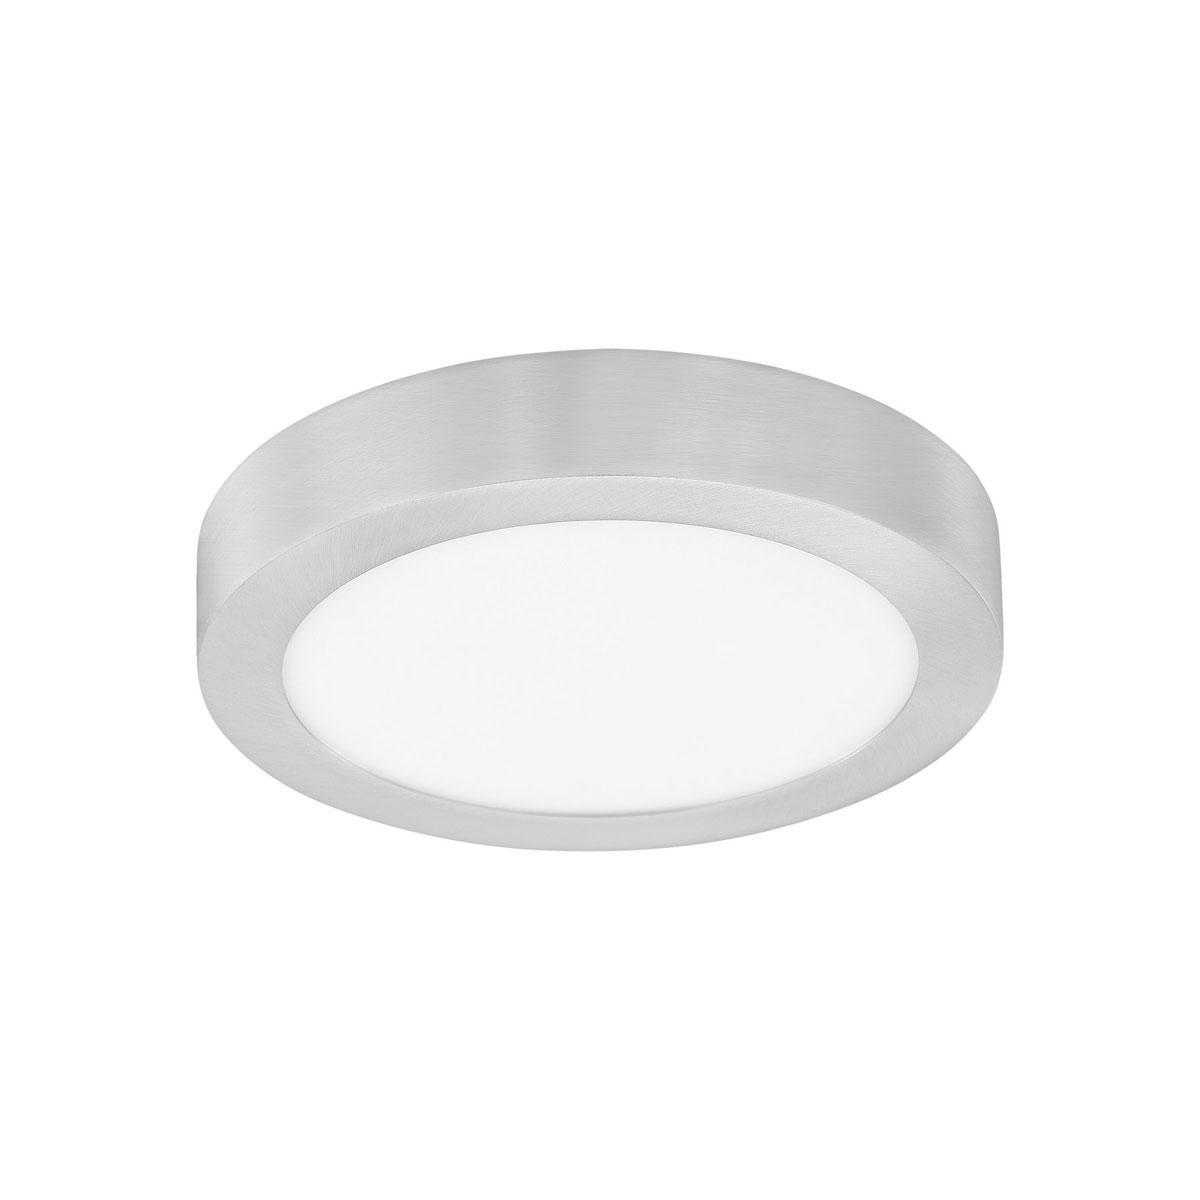 """Deckenleuchten - LED Deckenleuchte """"Fueva"""", Ø22,5cm, silber silber  - Onlineshop Hellweg"""